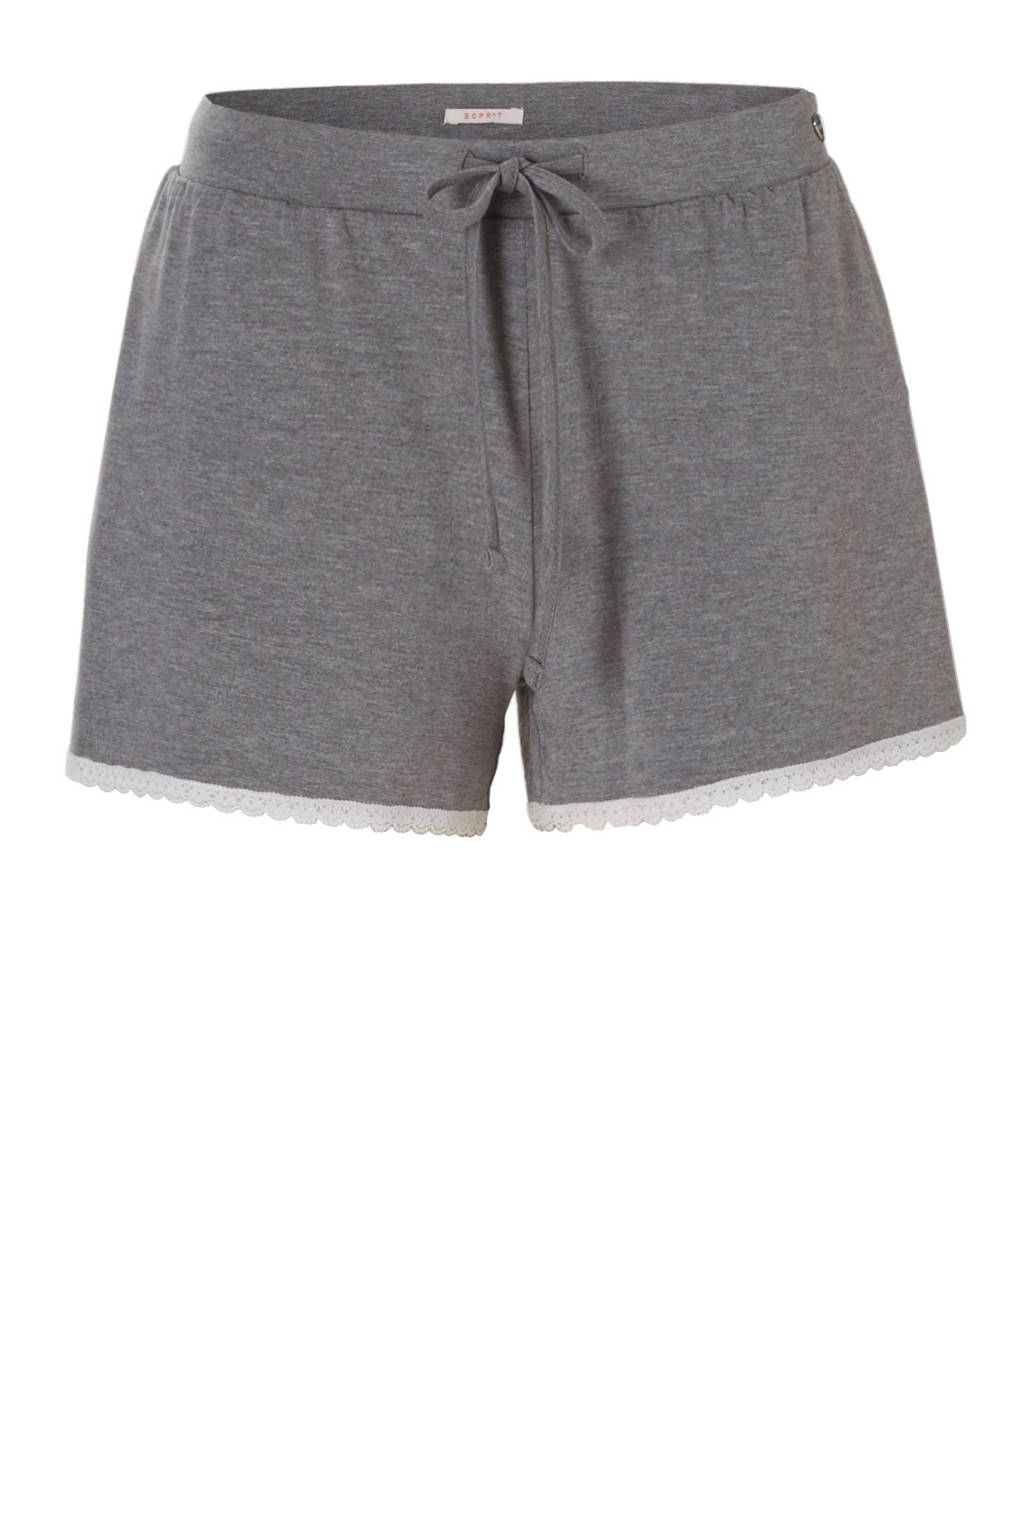 ESPRIT pyjamashort, Grijs melee